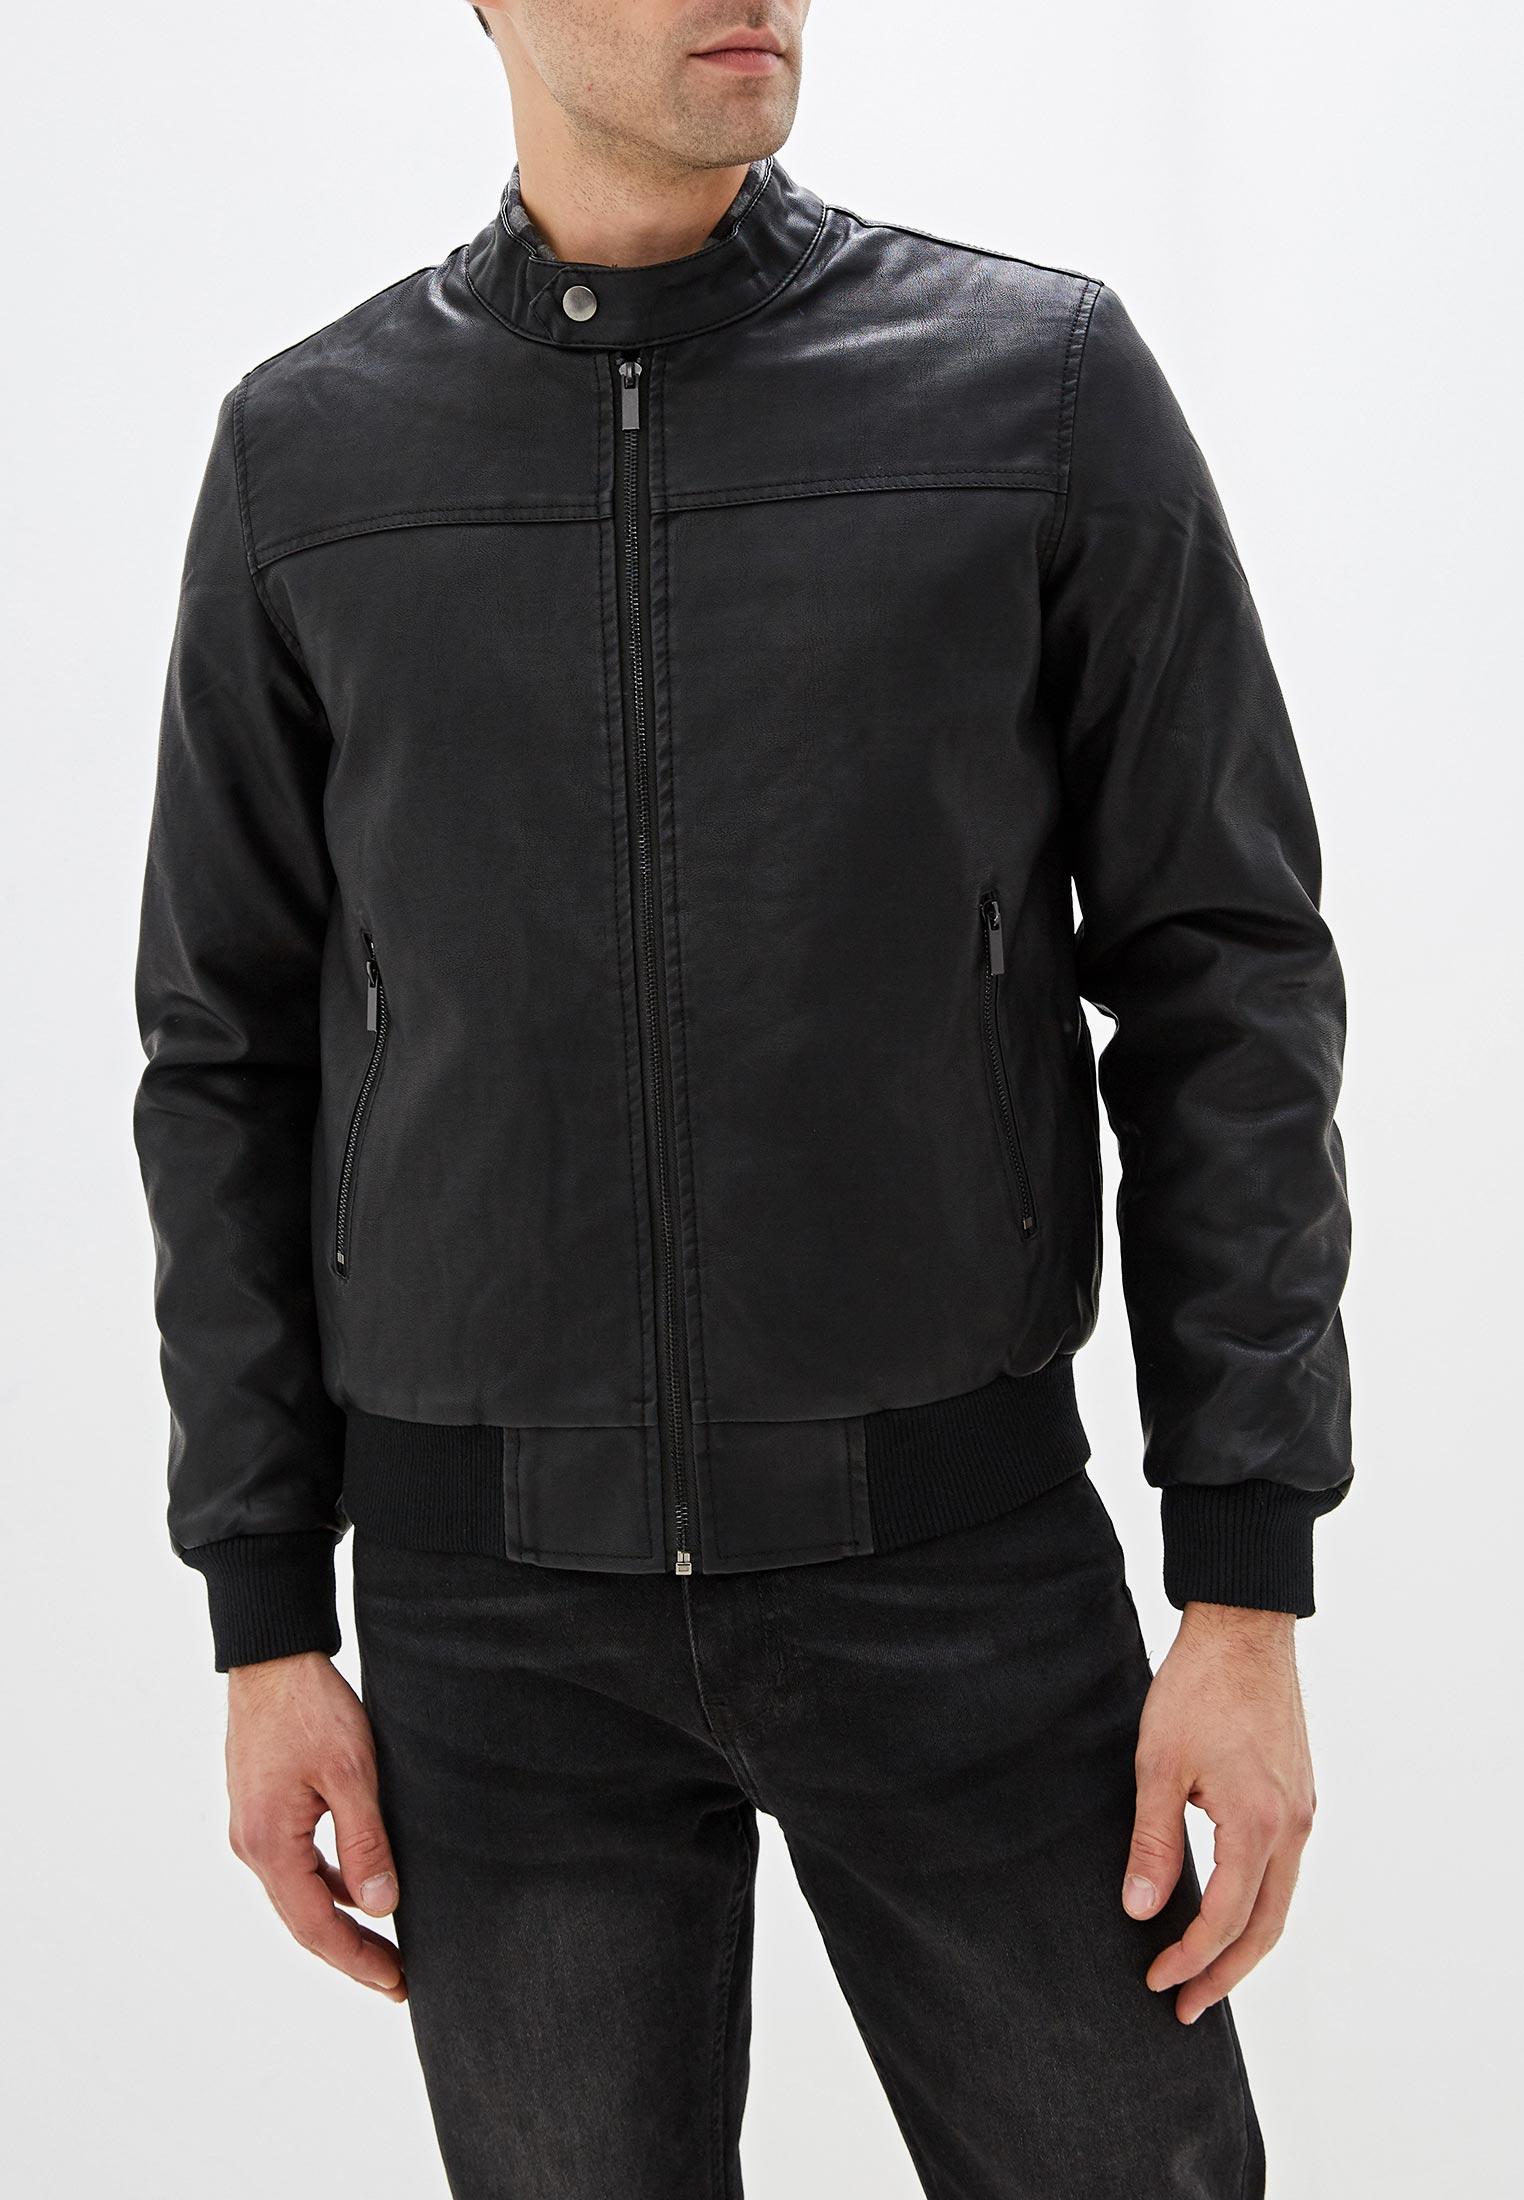 Куртка кожаная, B.Men, цвет: черный. Артикул: BM001EMGTVY1. Одежда / Верхняя одежда / Кожаные куртки